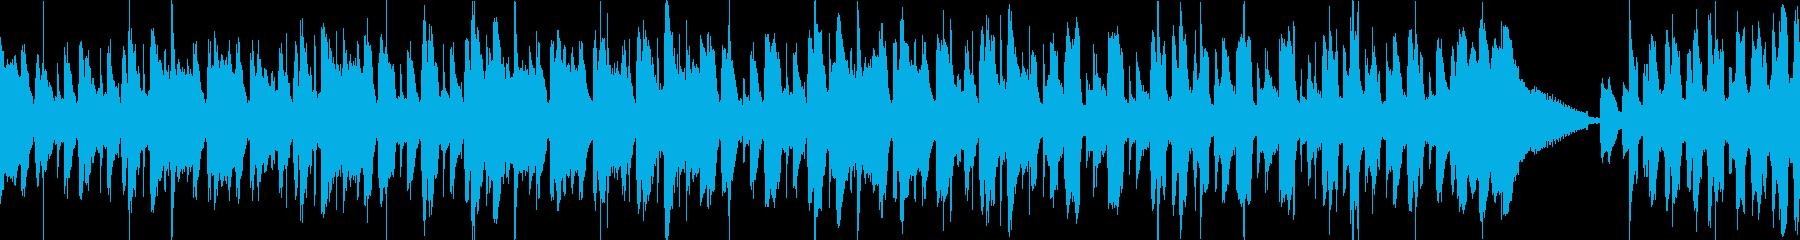 コミカル かわいい ループの再生済みの波形